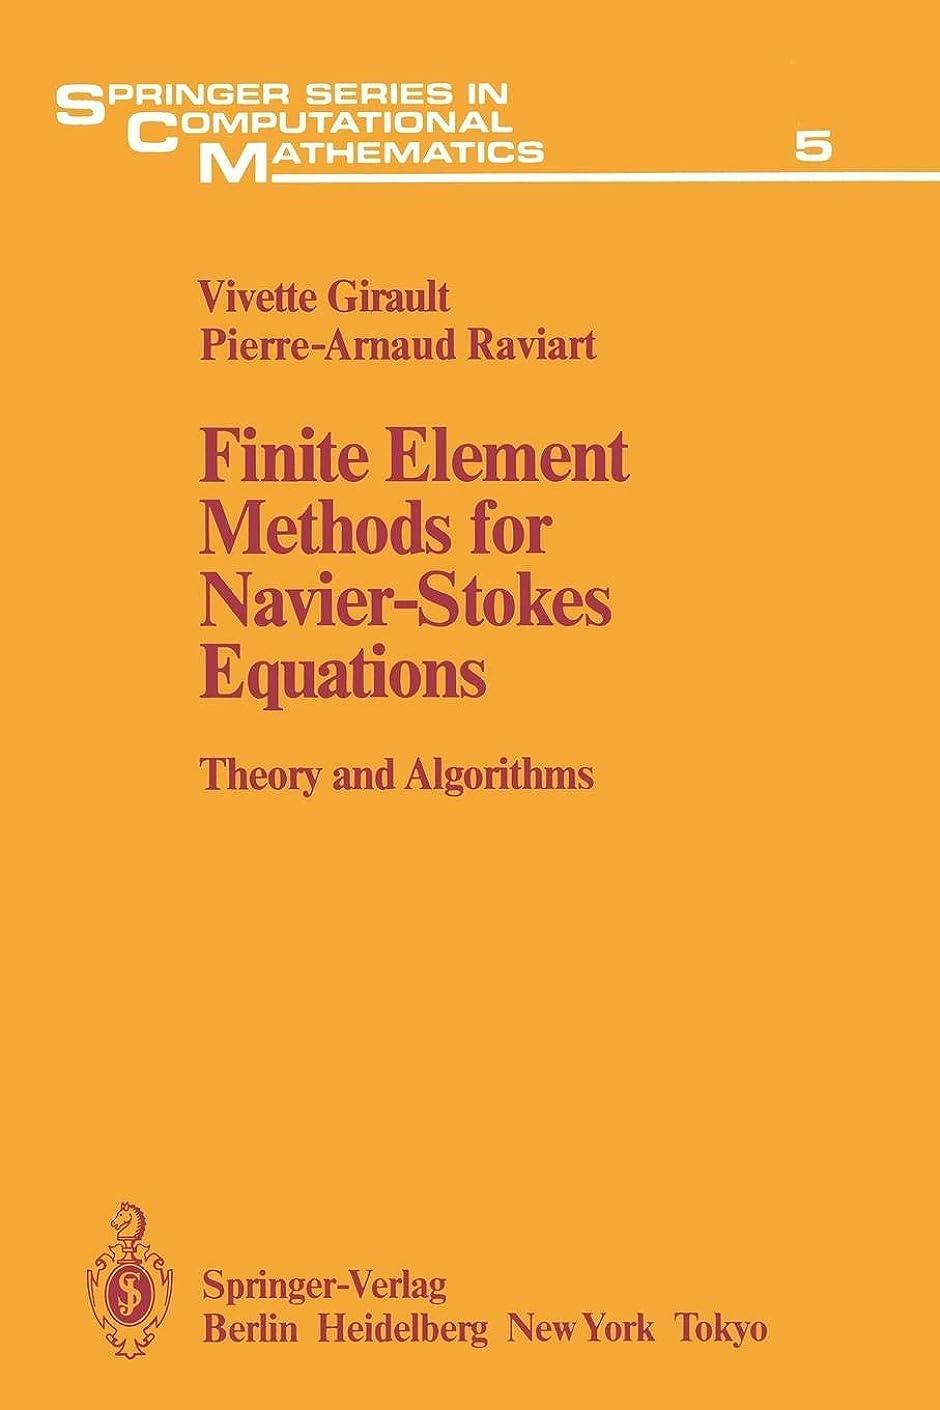 仕えるスペイン語応答Finite Element Methods for Navier-Stokes Equations: Theory and Algorithms (Springer Series in Computational Mathematics)